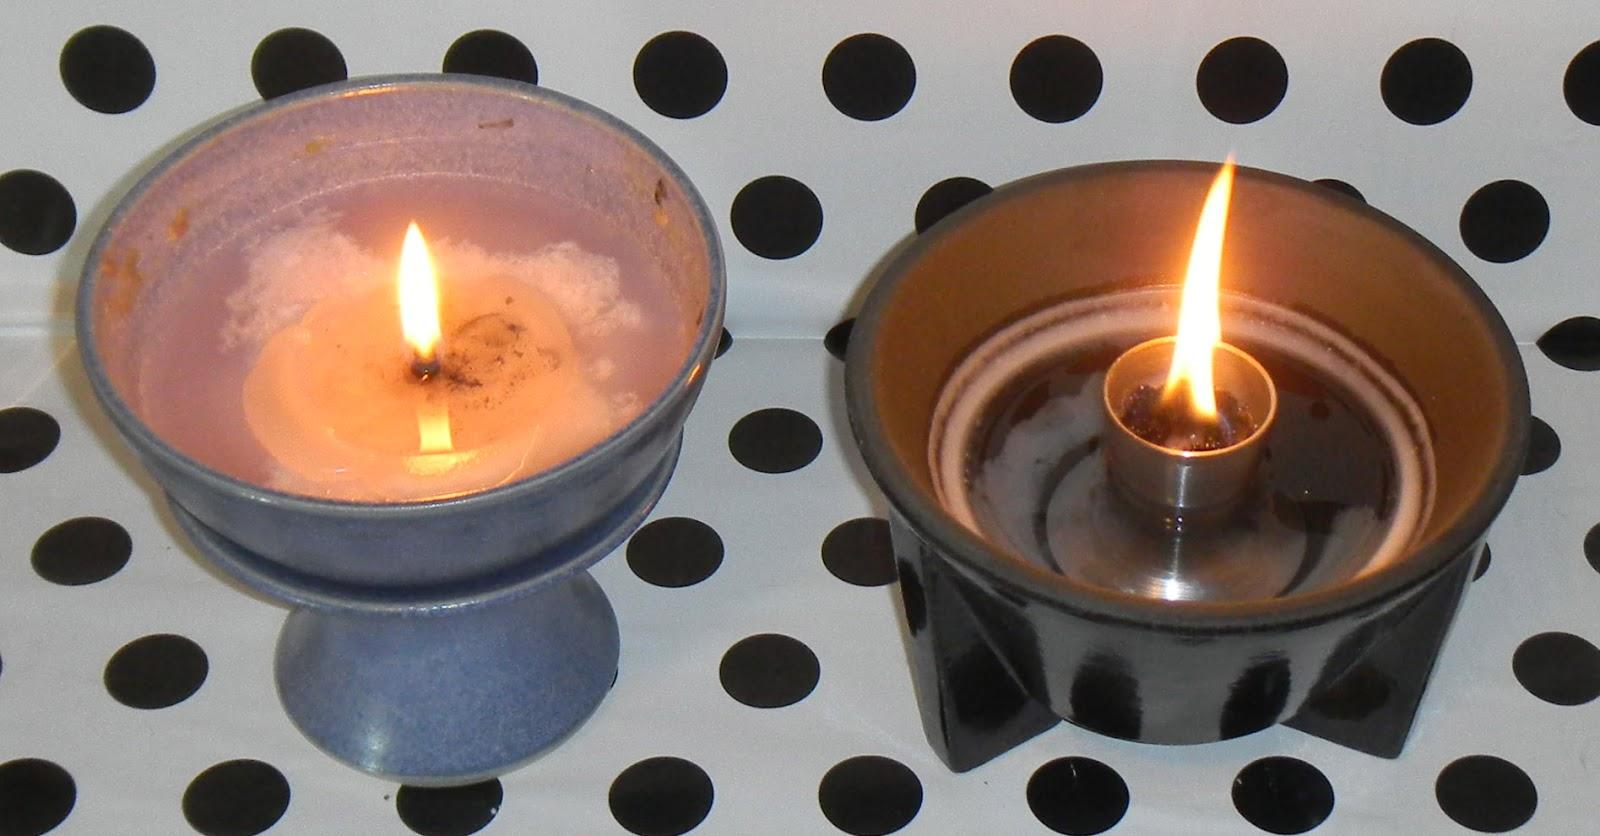 LIFE AND STUFF: Kerzenrestefresser vs. Schmelzfeuer